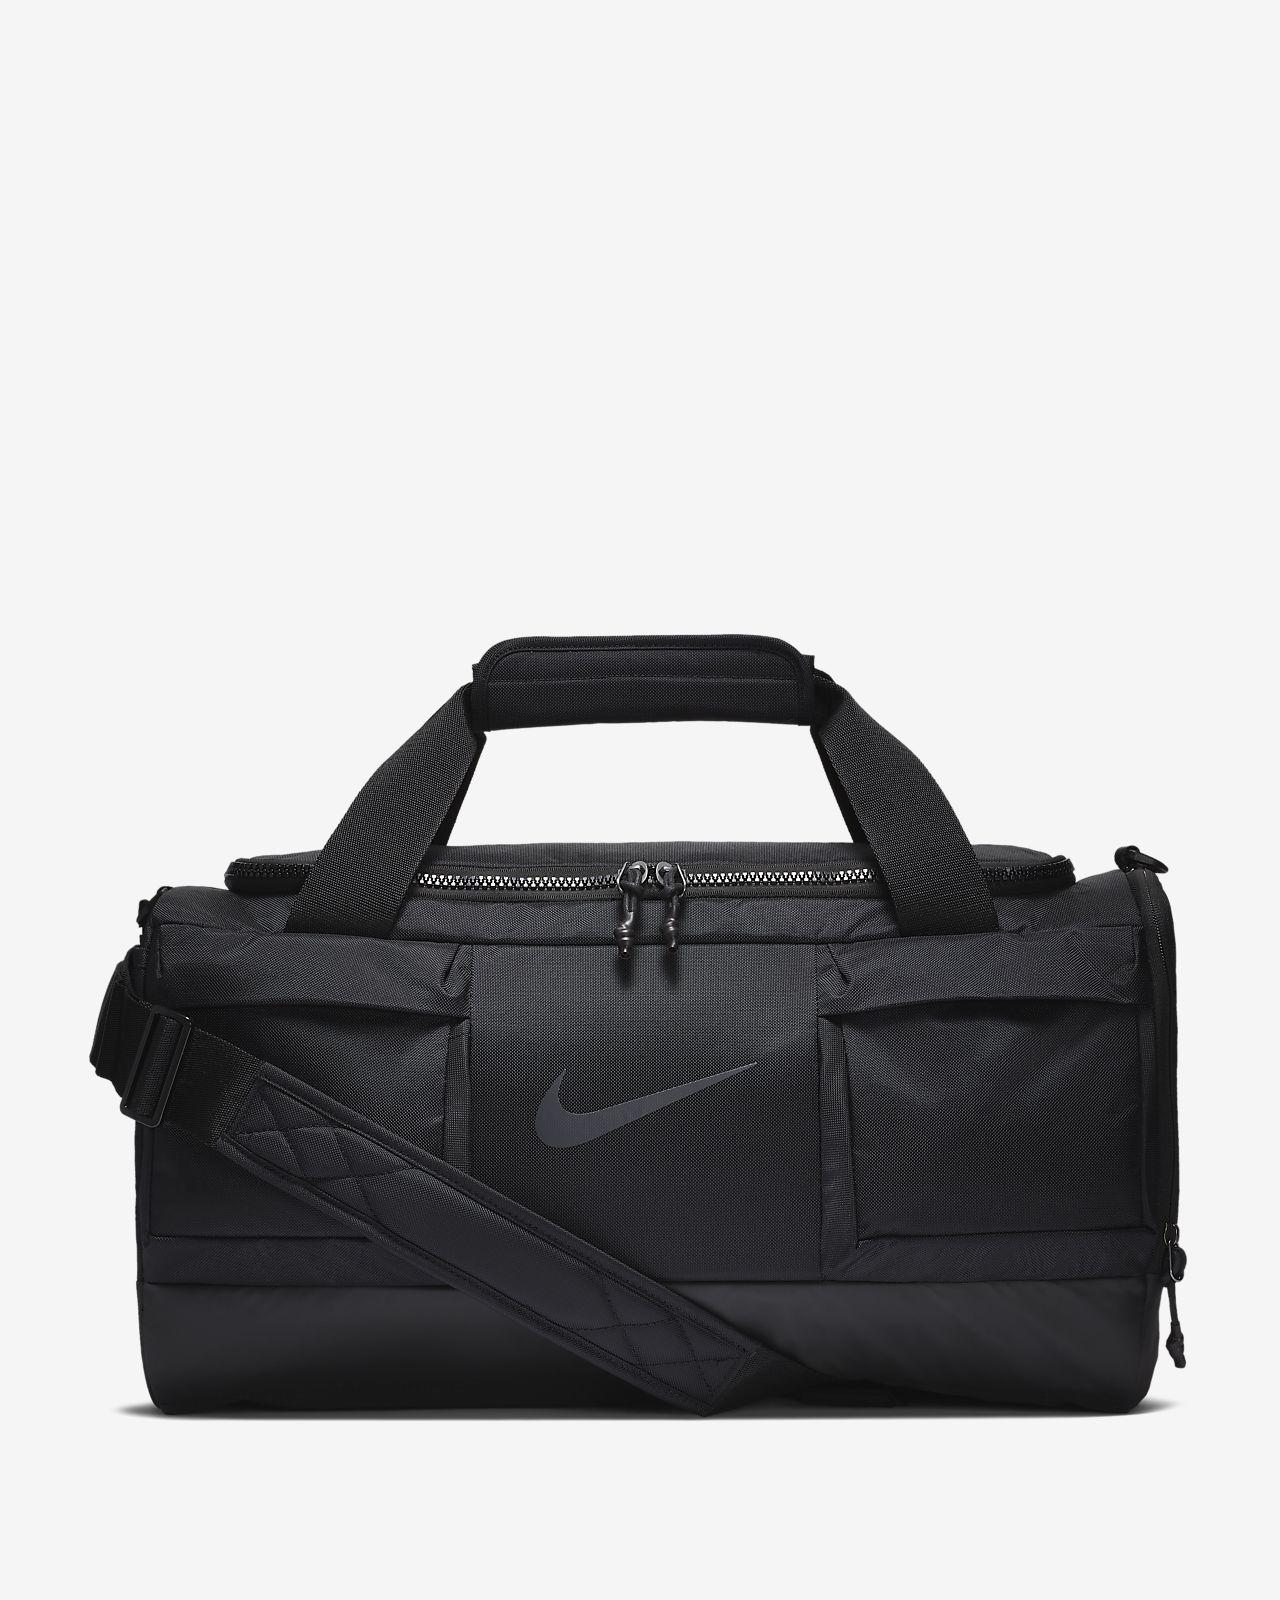 Träningsväska Nike Vapor Power (Small) för män